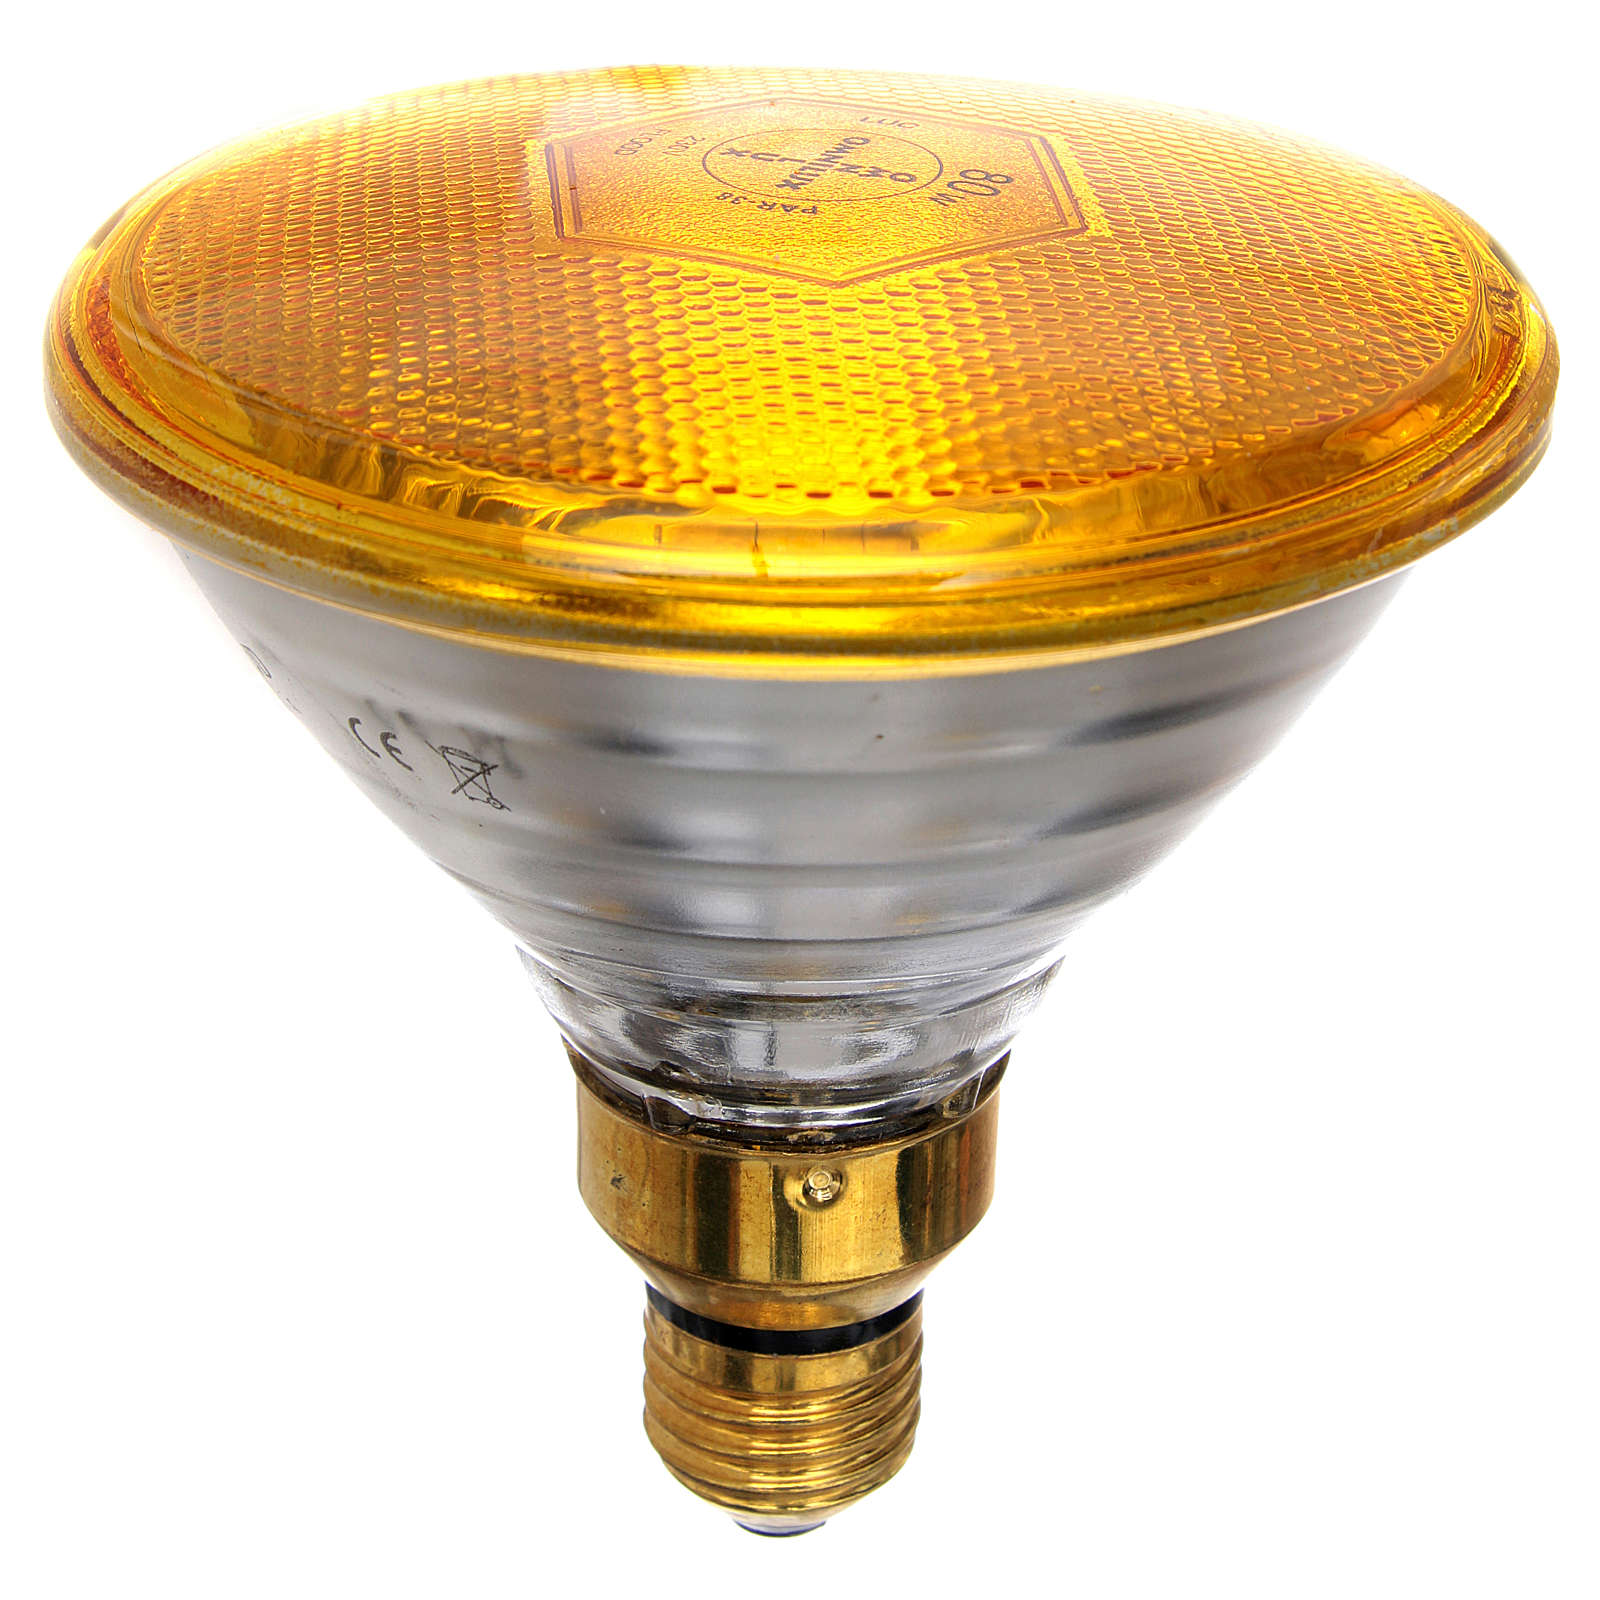 Ampoule colorée 80W E27 illumination crèche noël jaune 4